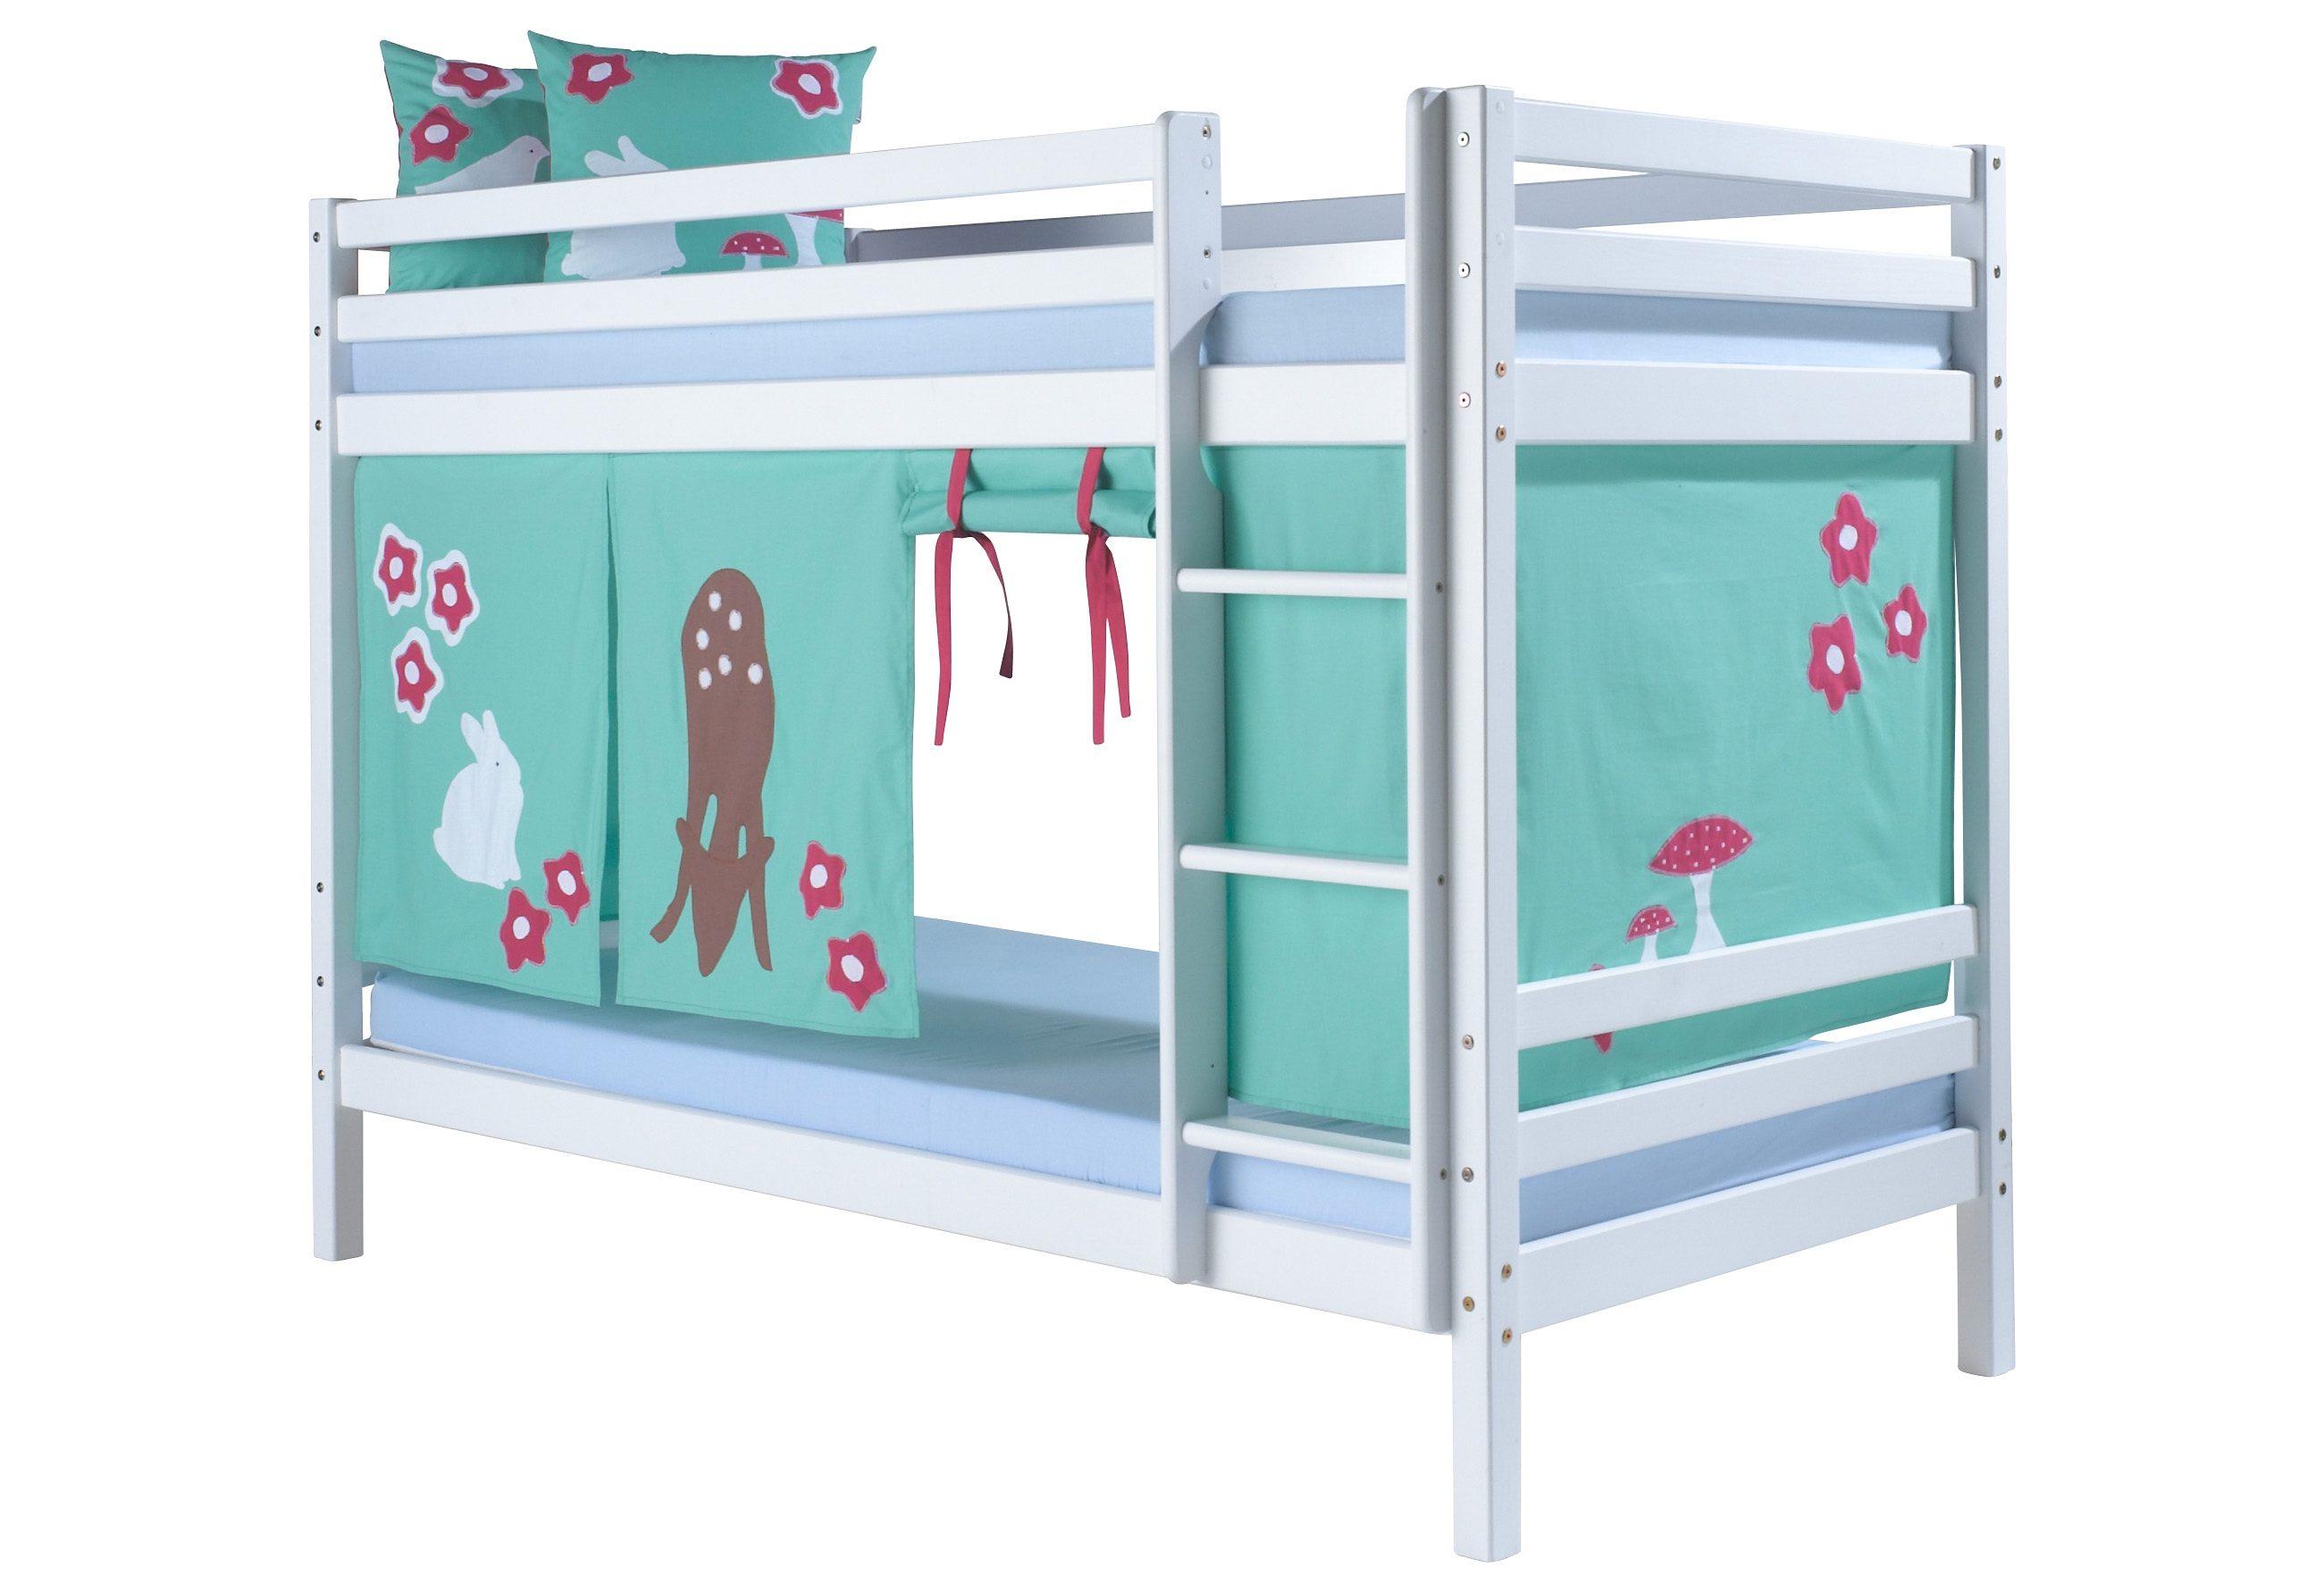 Etagenbett Beni Otto S : Viv rae etagenbetten online kaufen möbel suchmaschine